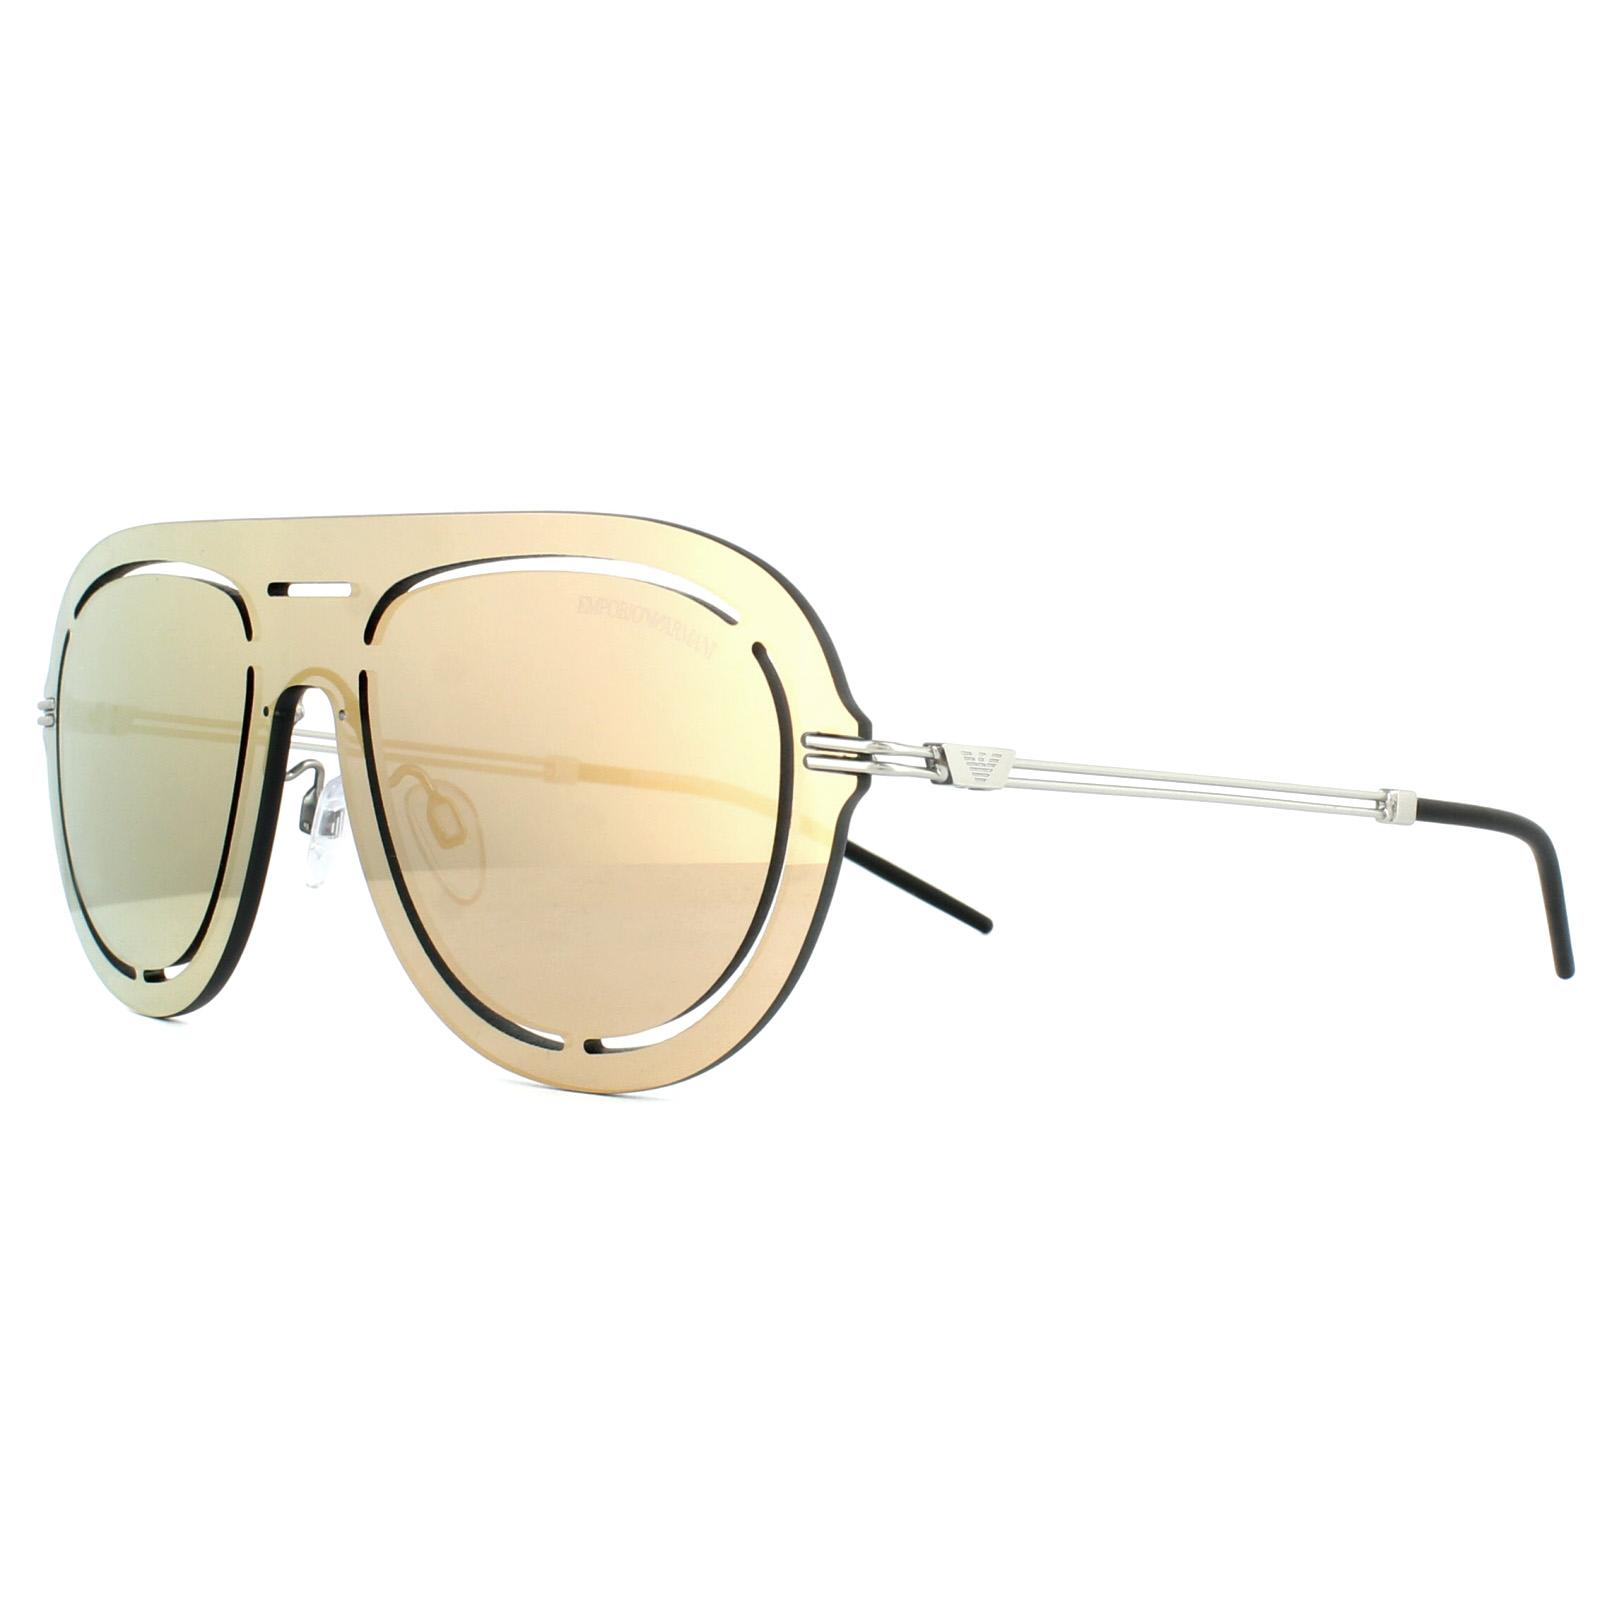 3049f0f738a7 Sentinel Emporio Armani Sunglasses 2057 30154Z Silver Rose Gold Mirror